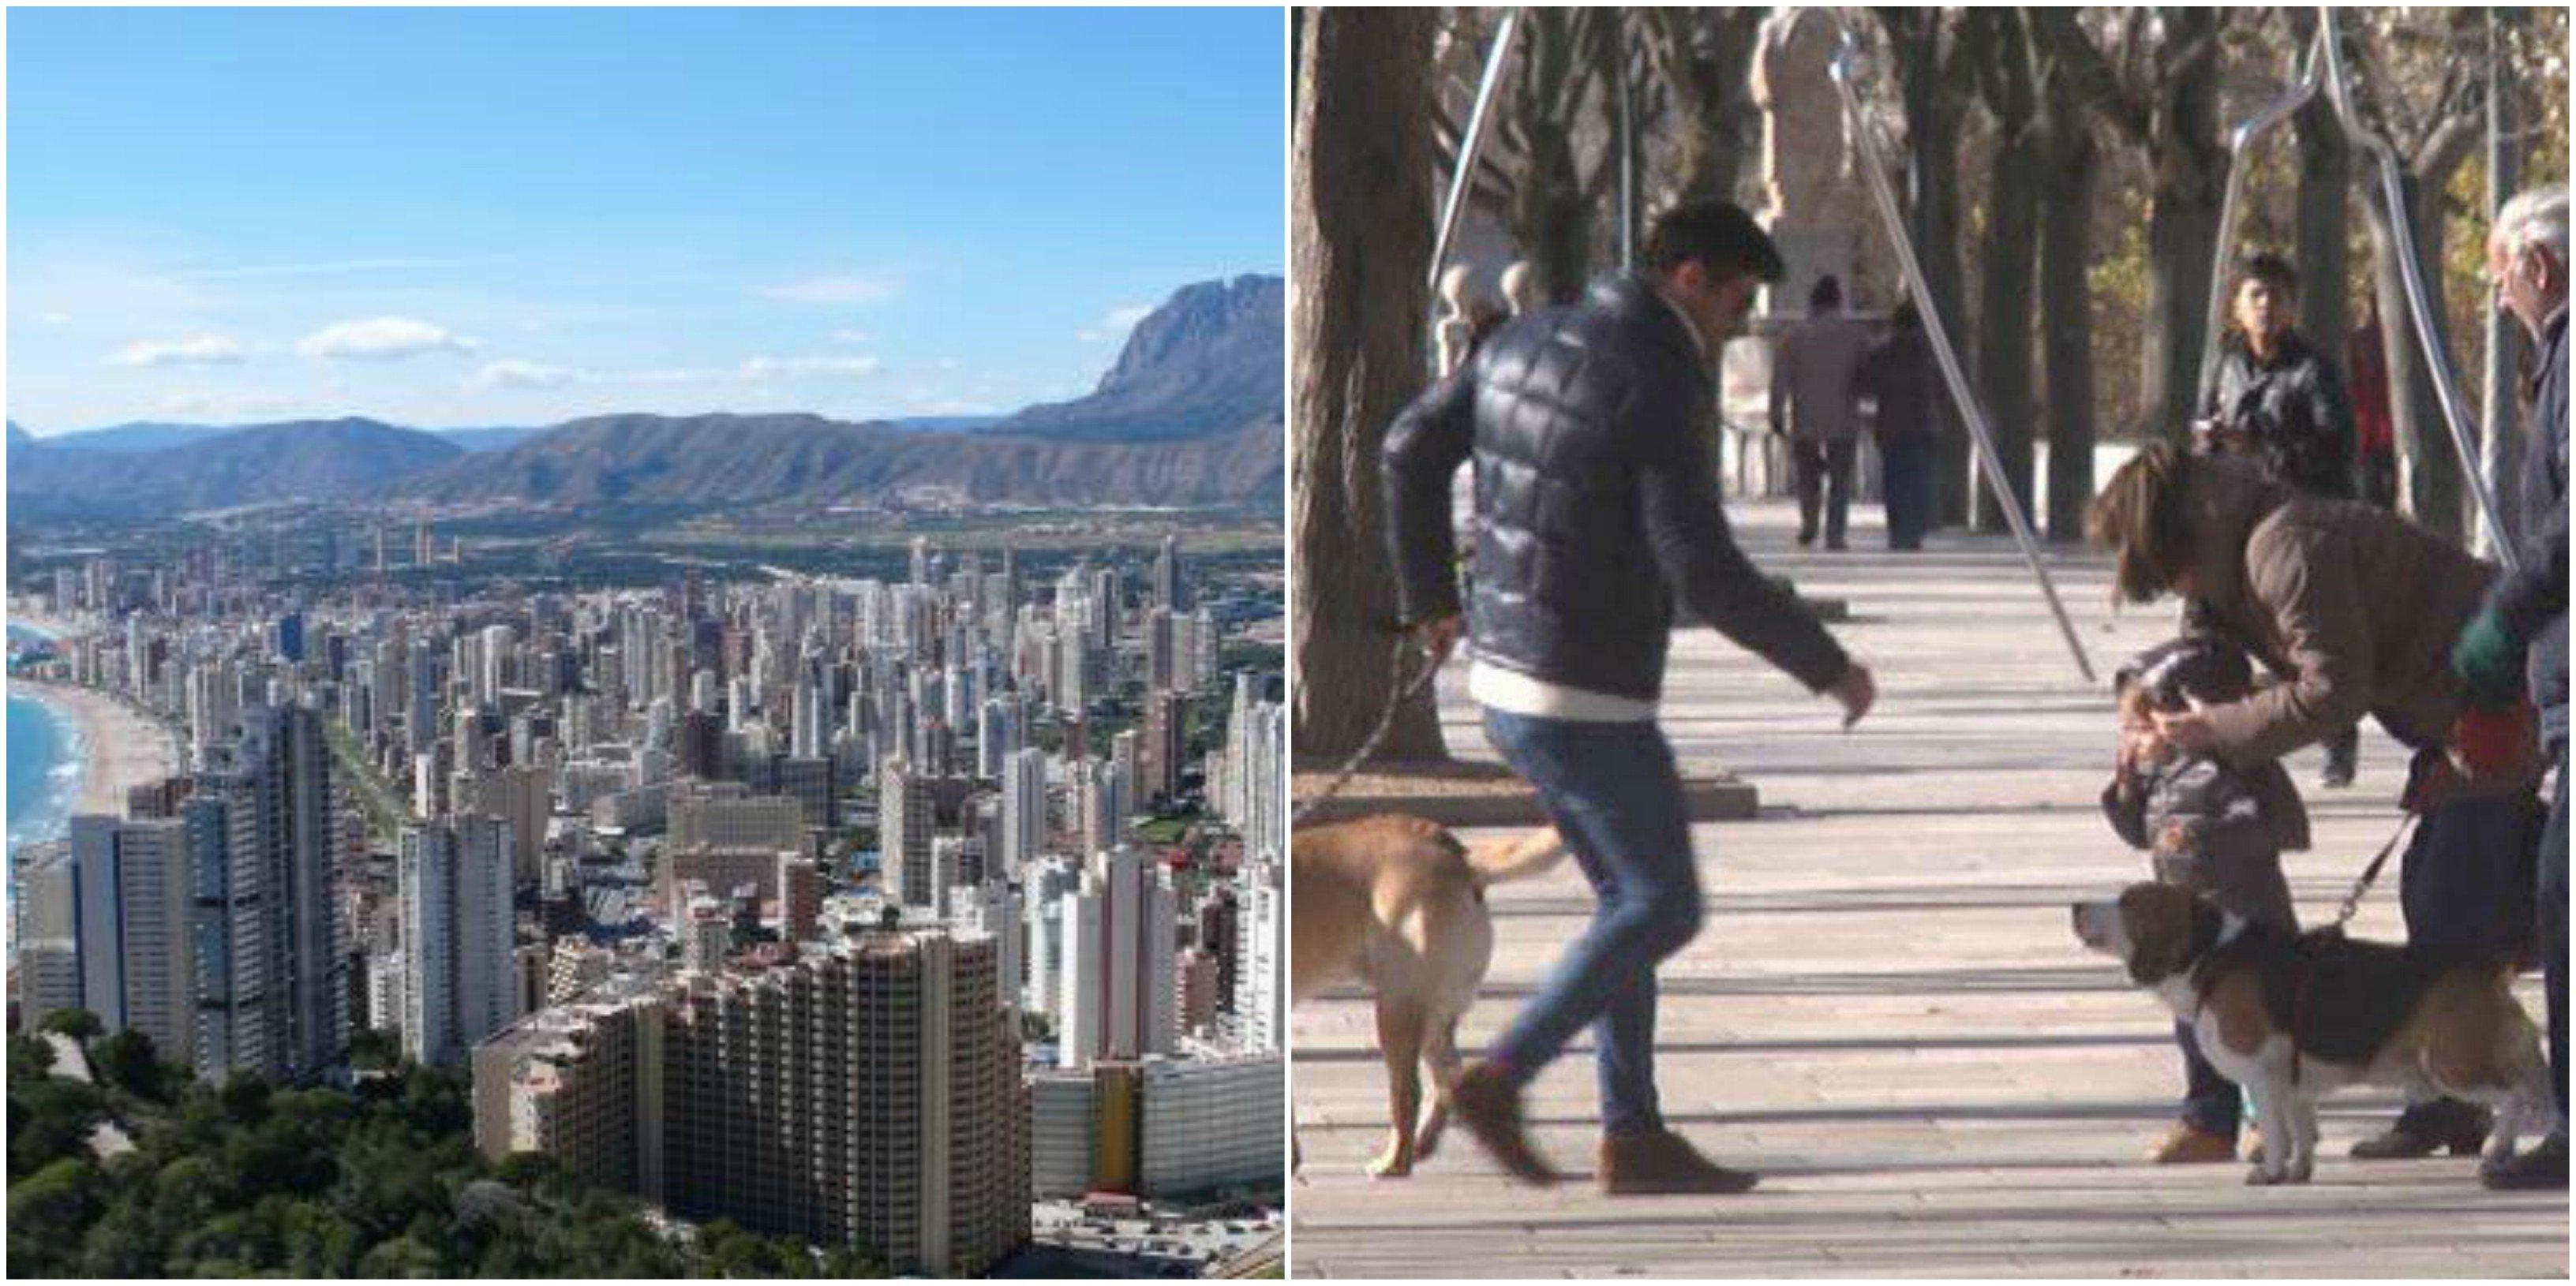 Subir las escaleras en vez de usar el ascensor, en Benidorm y pasear al perro sólo a 250 metros de casa, en Burgos... por el coronavirus